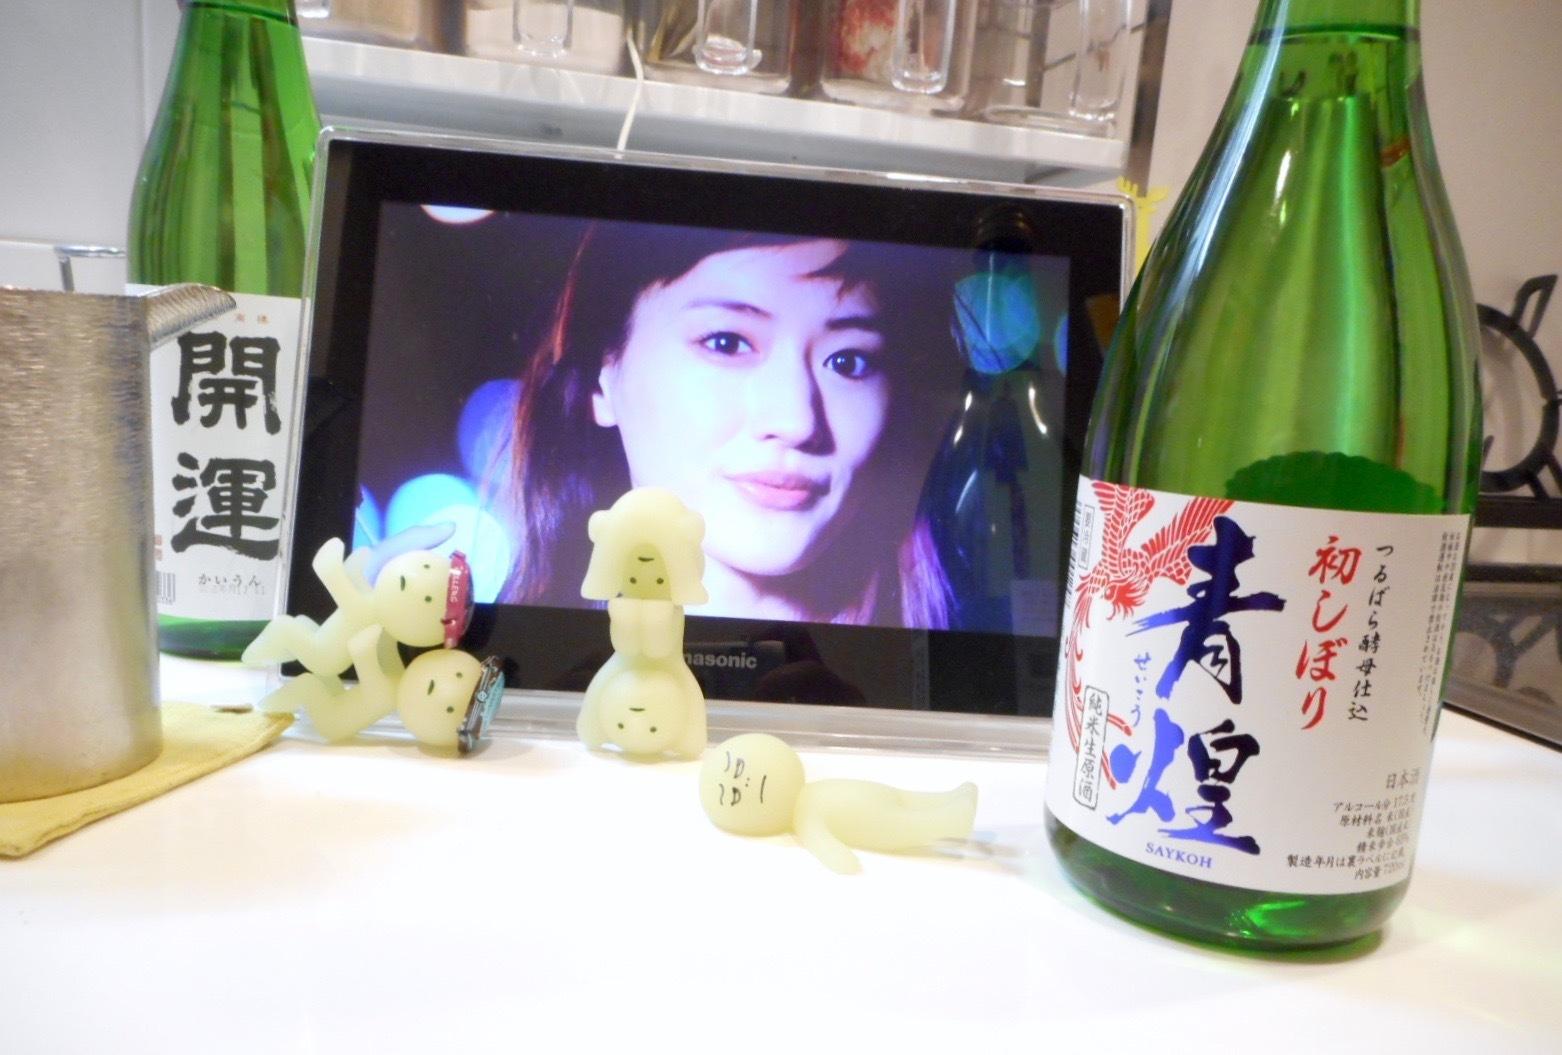 seikou_hatsushibori29by1.jpg